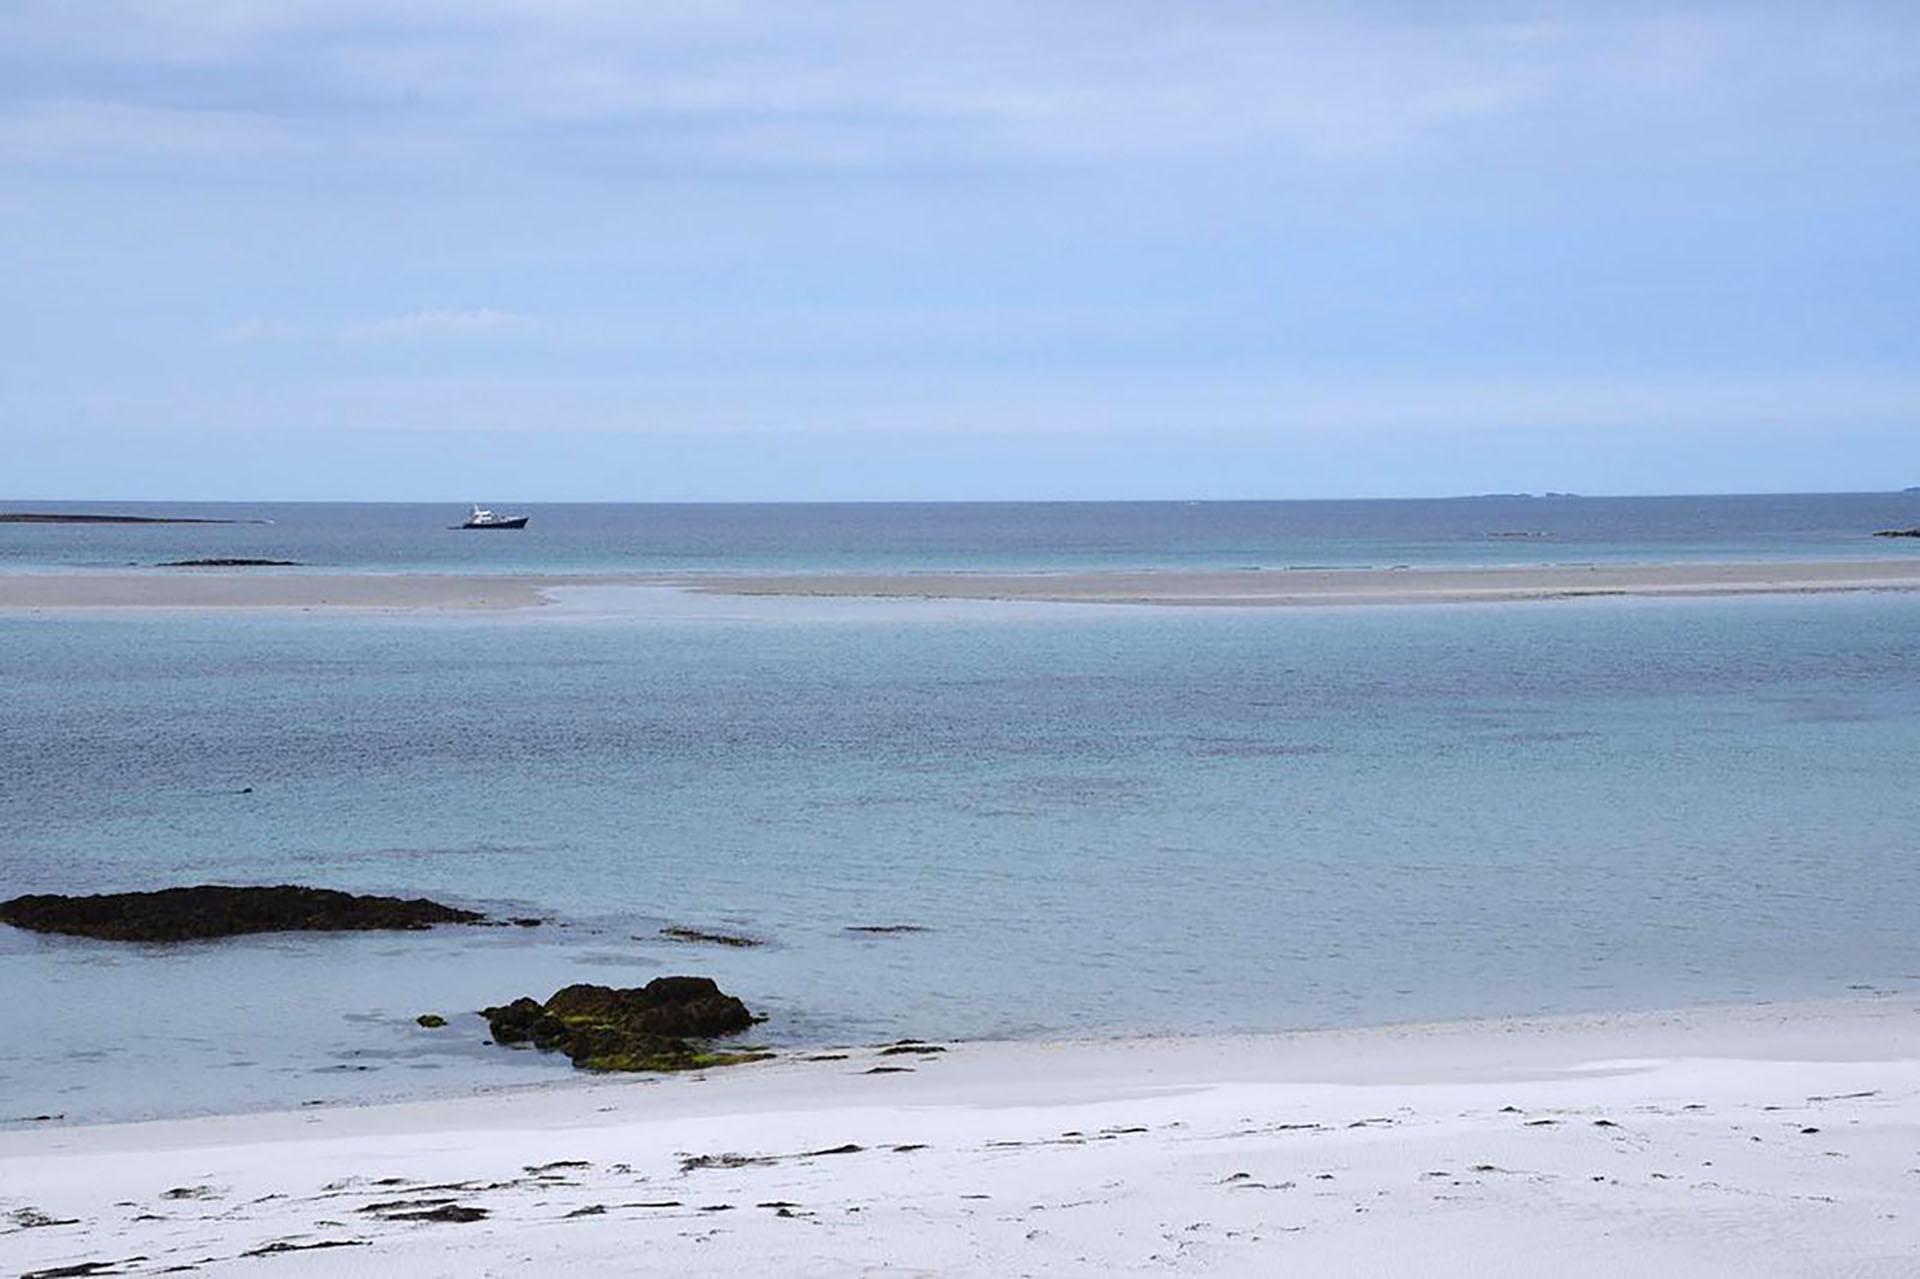 En Escocia se encuentran las islas Monach, conocidas popularmente como Heisker. Se destaca por sus hermosas playas vírgenes, sus acantilados rocosos y dunas interminables que proponen una experiencia única